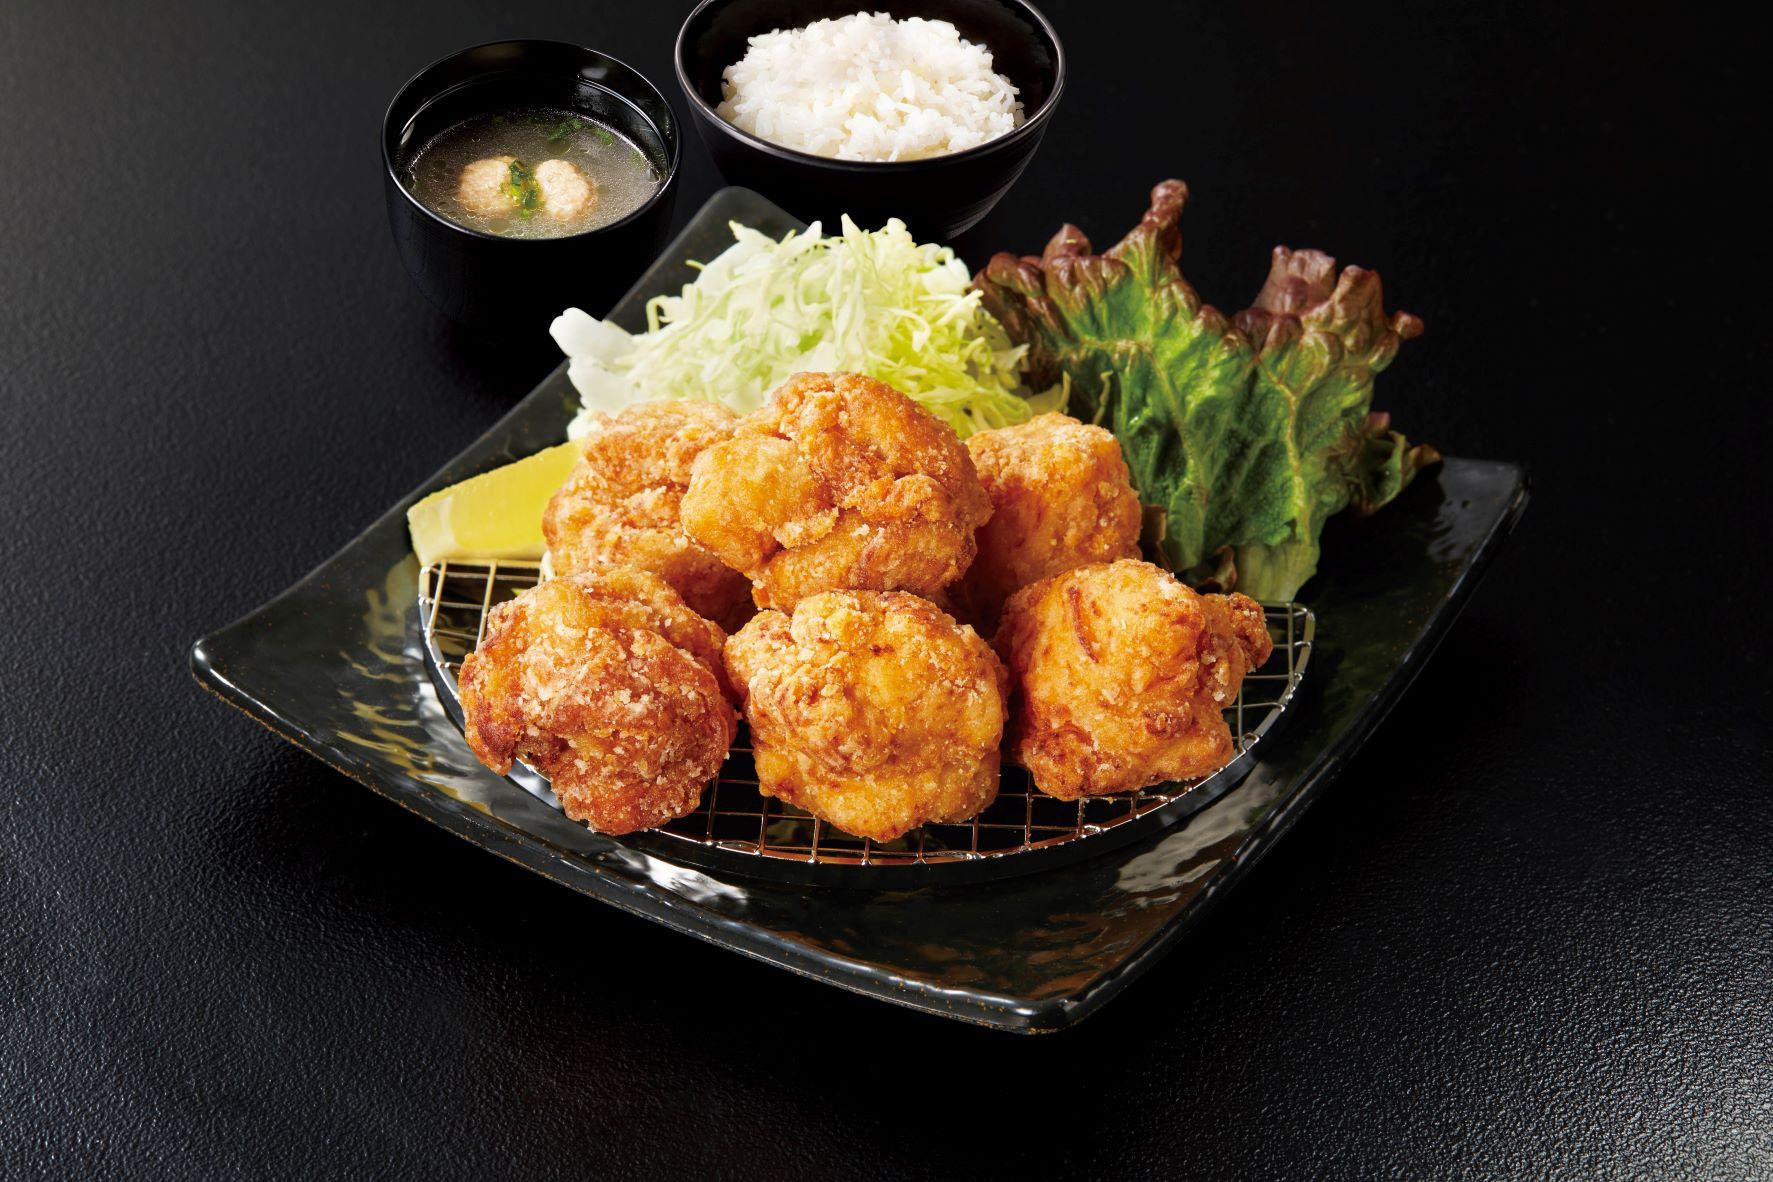 唐揚定食(調理イメージ)